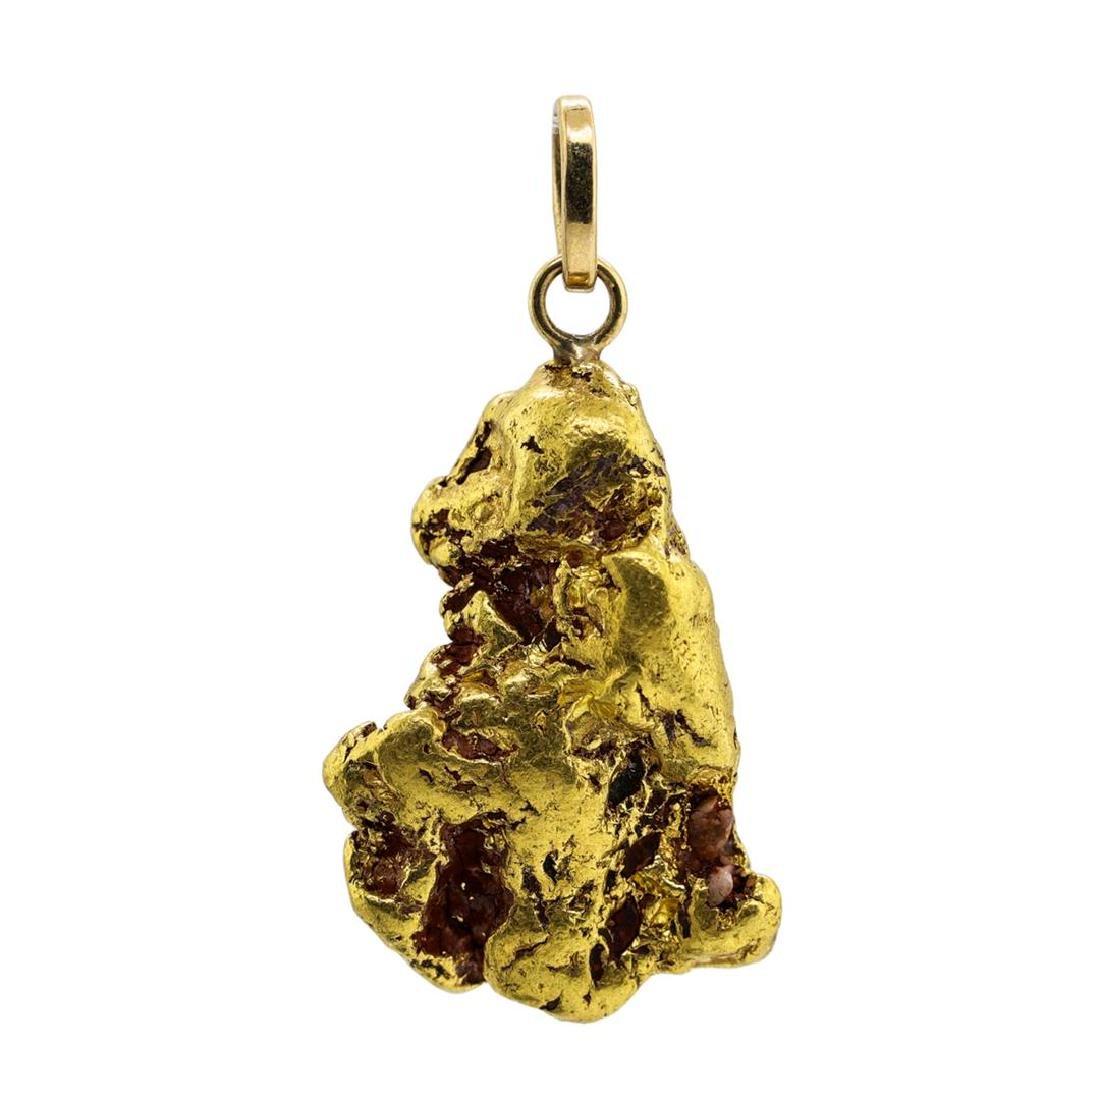 22.4 Gram Gold Nugget Pendant - 2